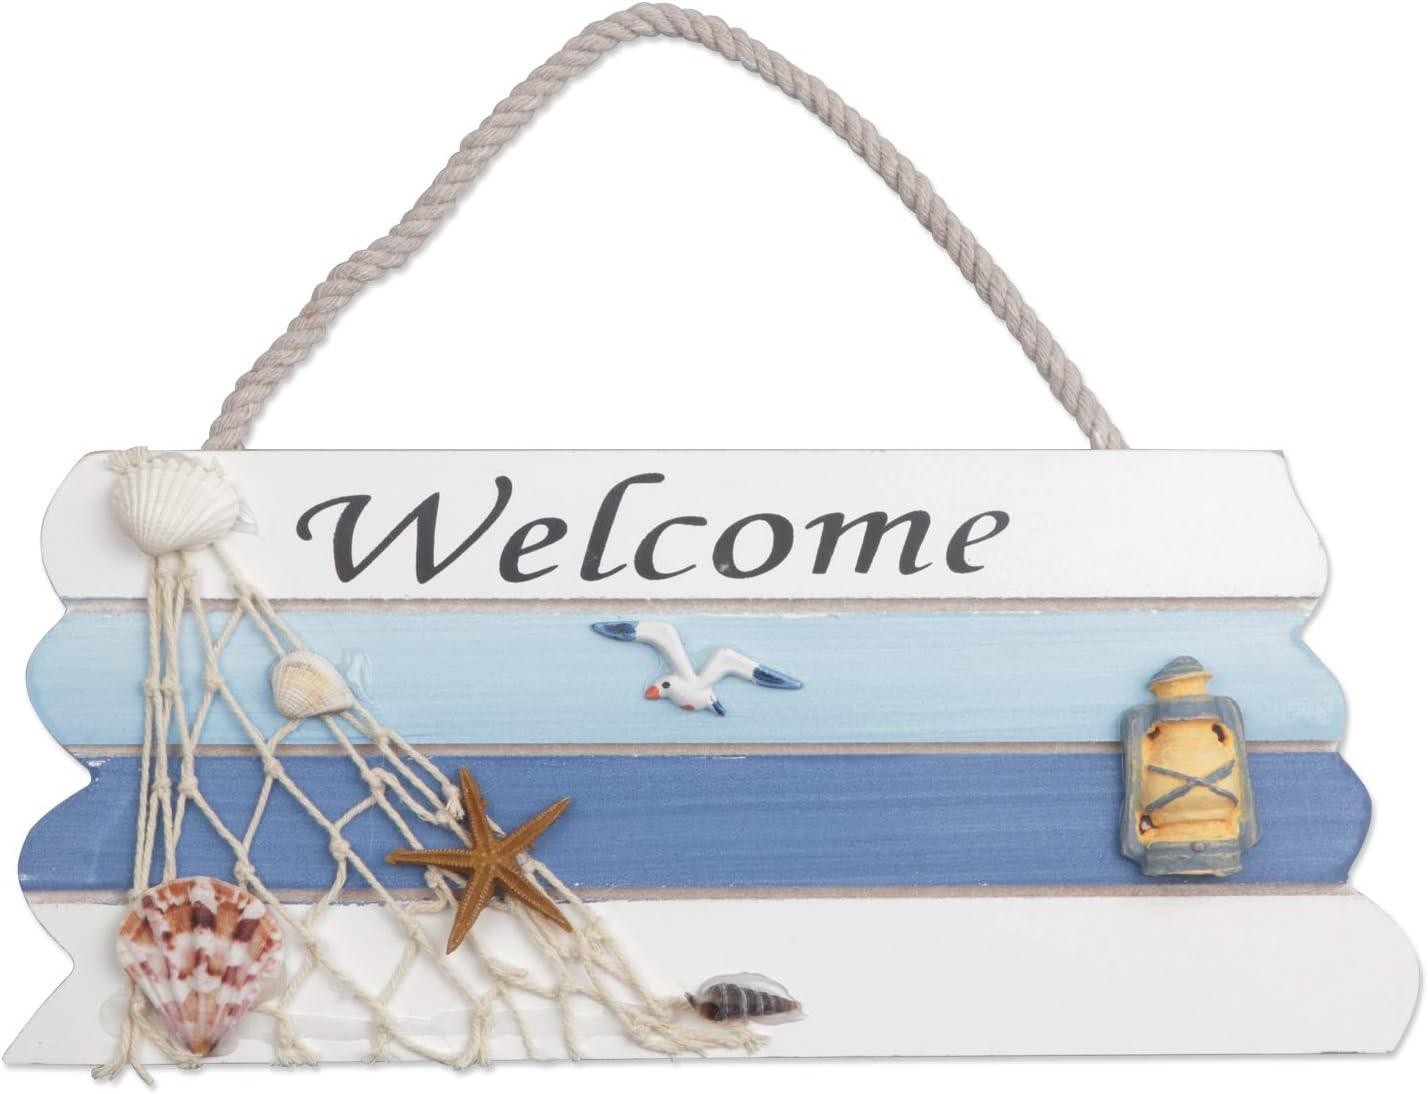 S Panneau de bienvenue en bois suspendu Style de plage pour porte Panneau mural de bienvenue suspendu suspendu Panneau pour bateau de plage Oc/éan Bord de mer Th/ème Plaque Ornements Porte de maison